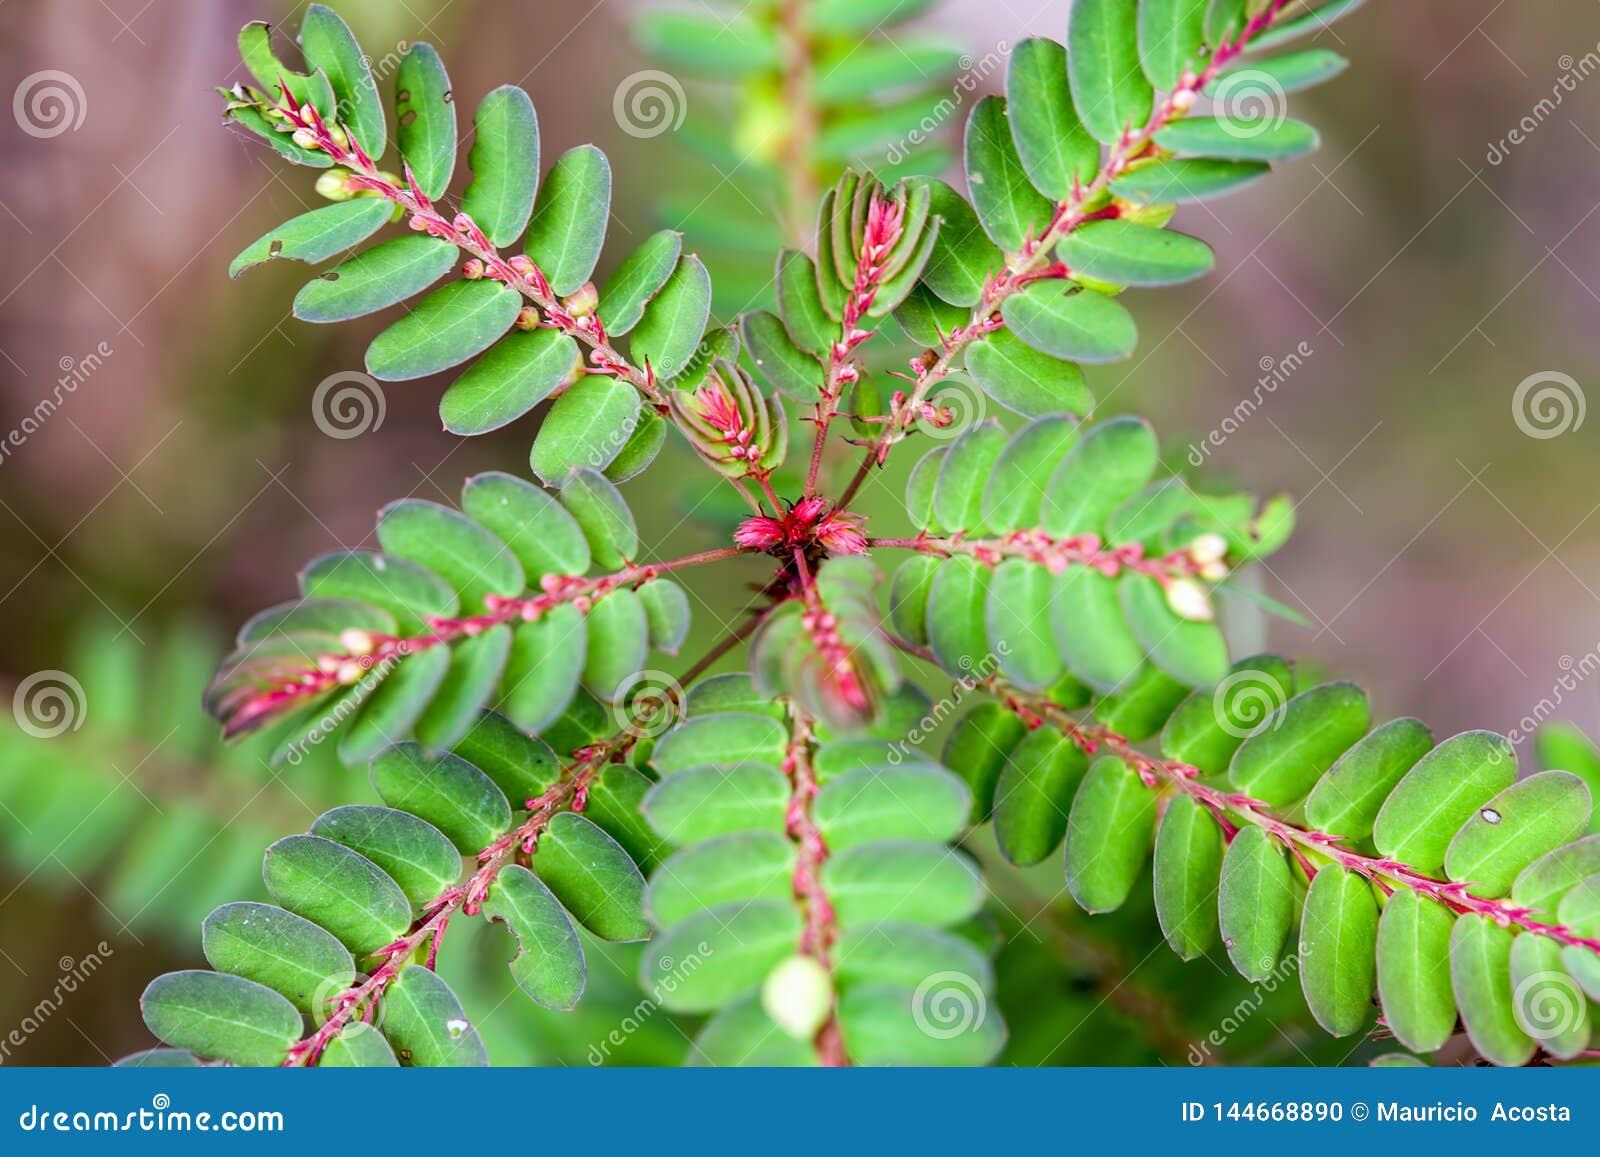 Feuilles fraîches d un arbre en soie persan